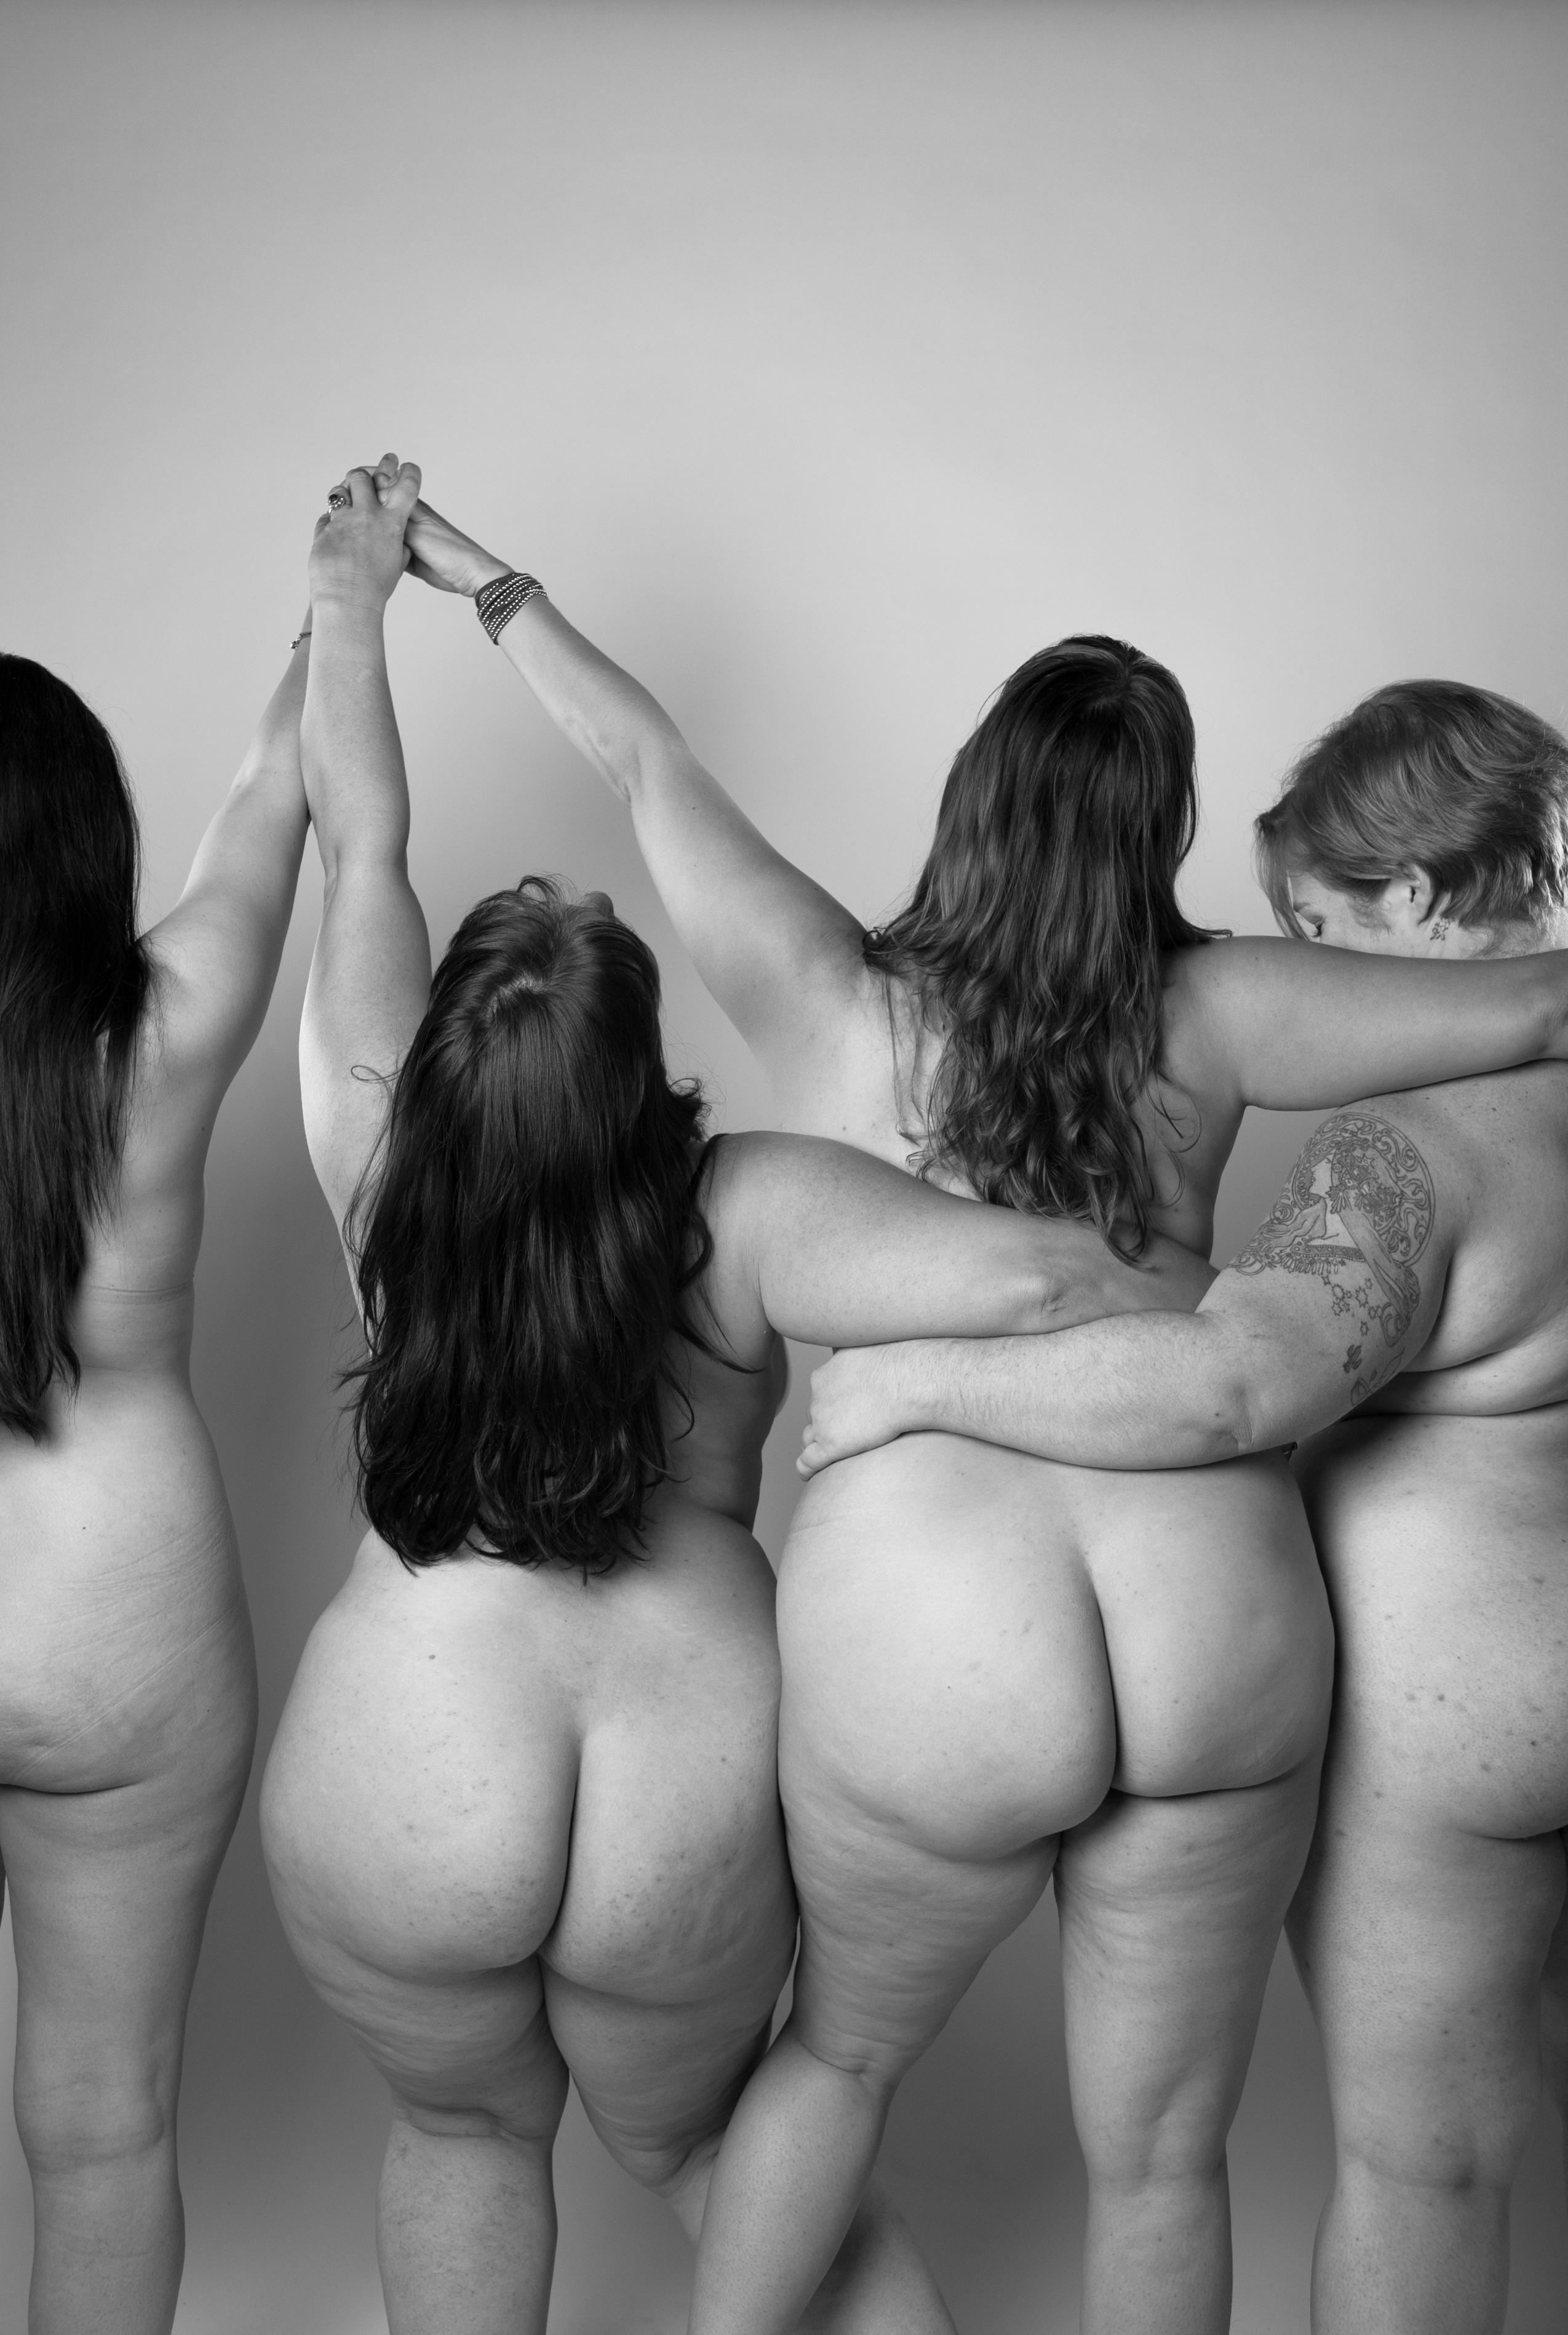 Wallpaper naked bbw erotic videos